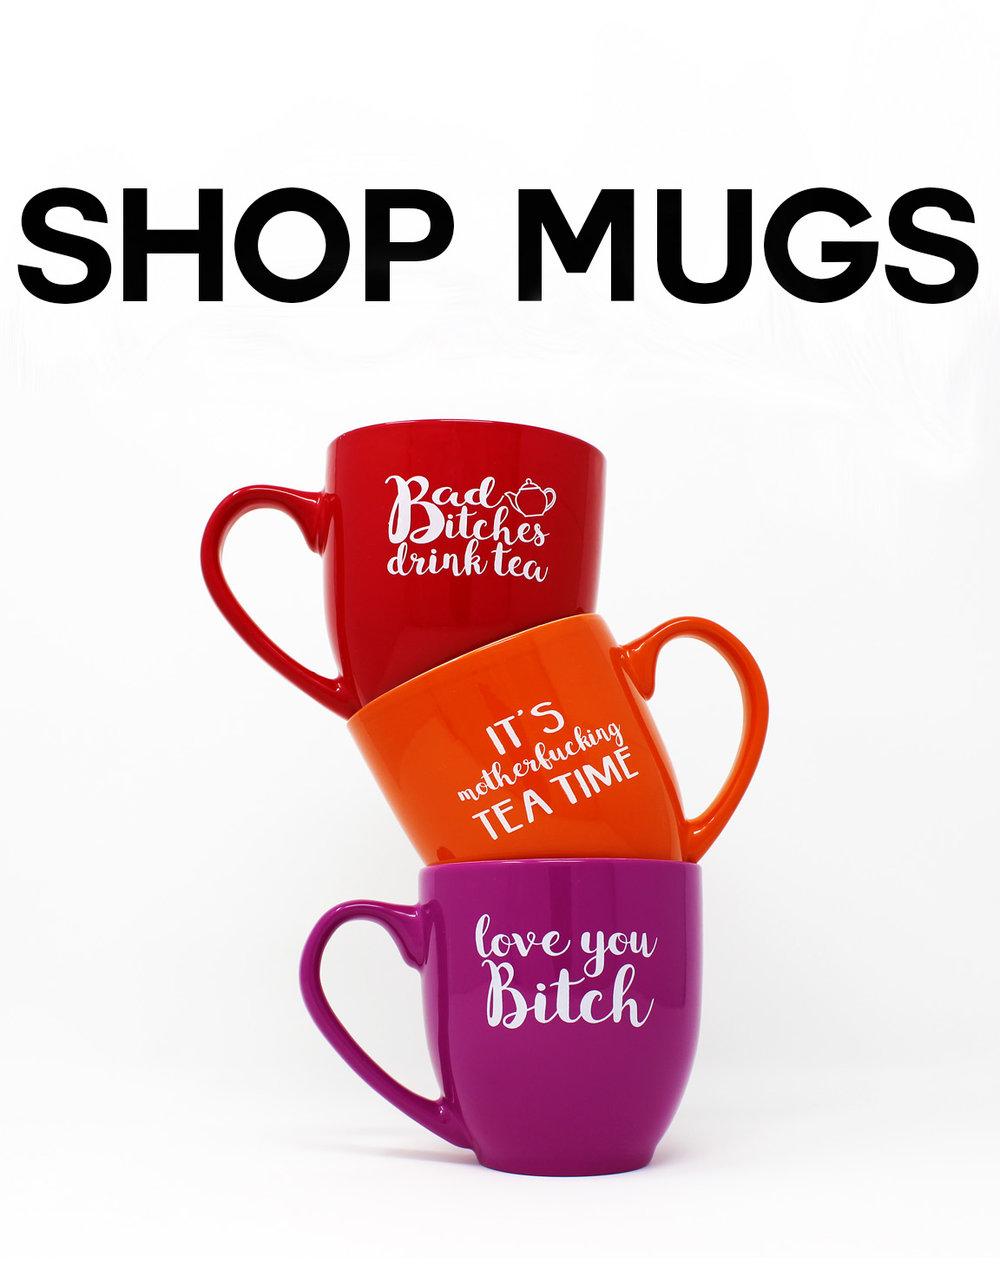 Shop Mugs - Button2.jpg